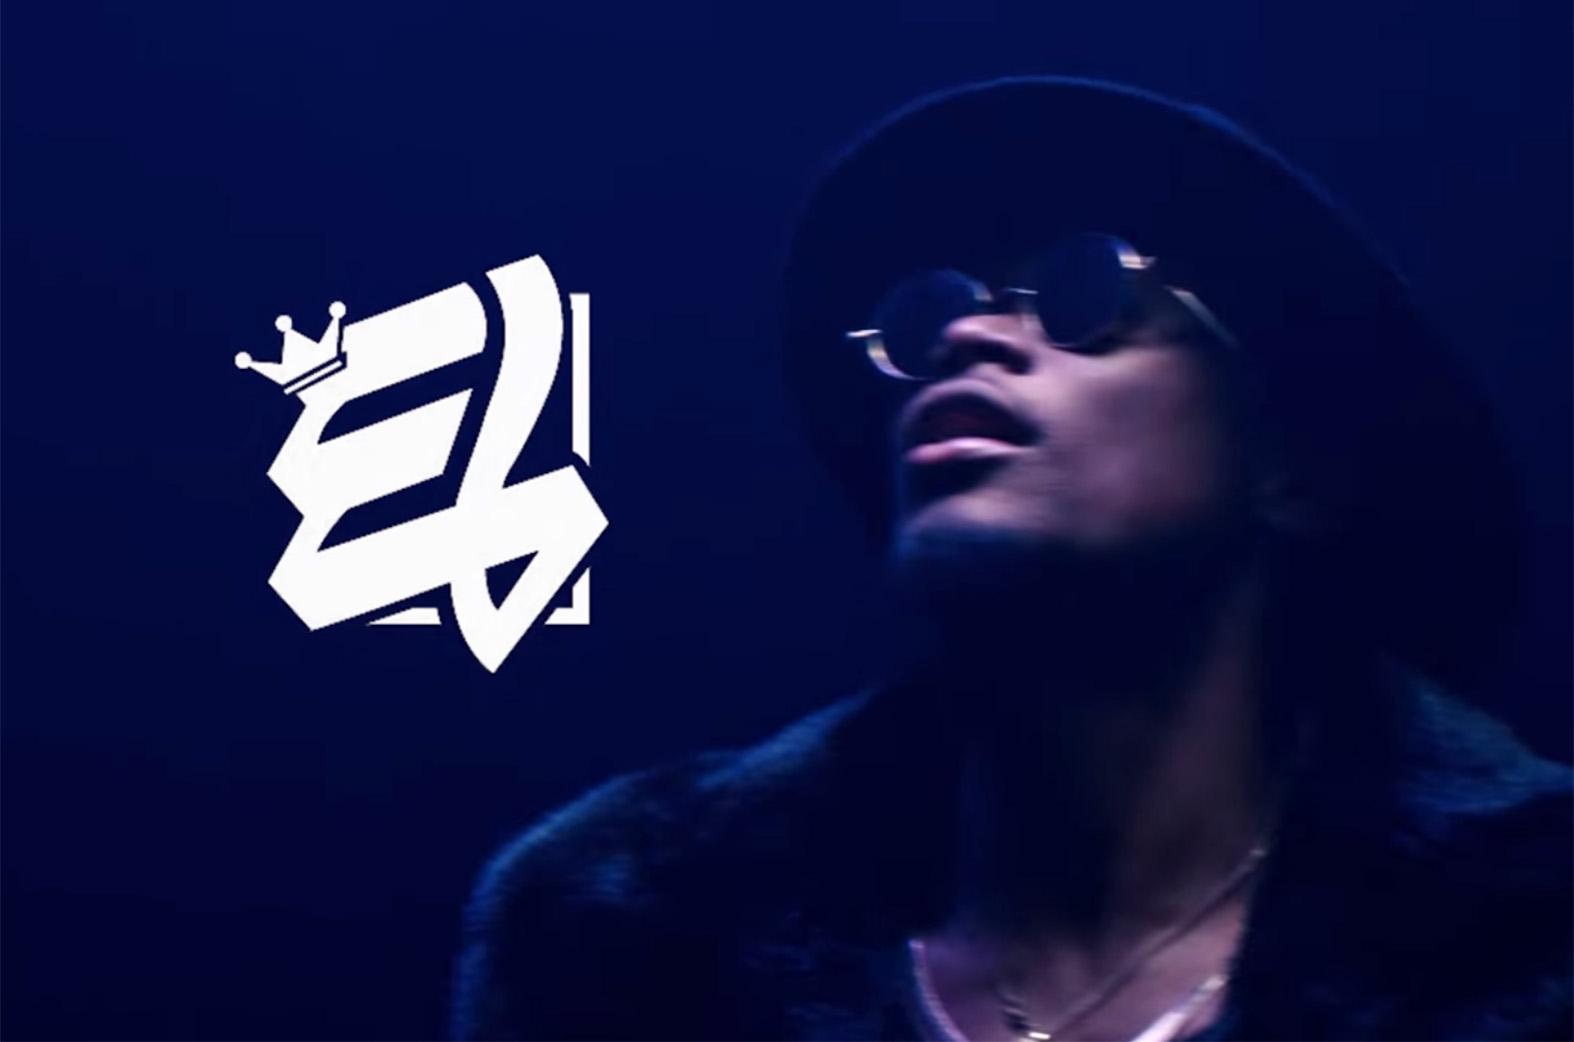 Overdose by E.L